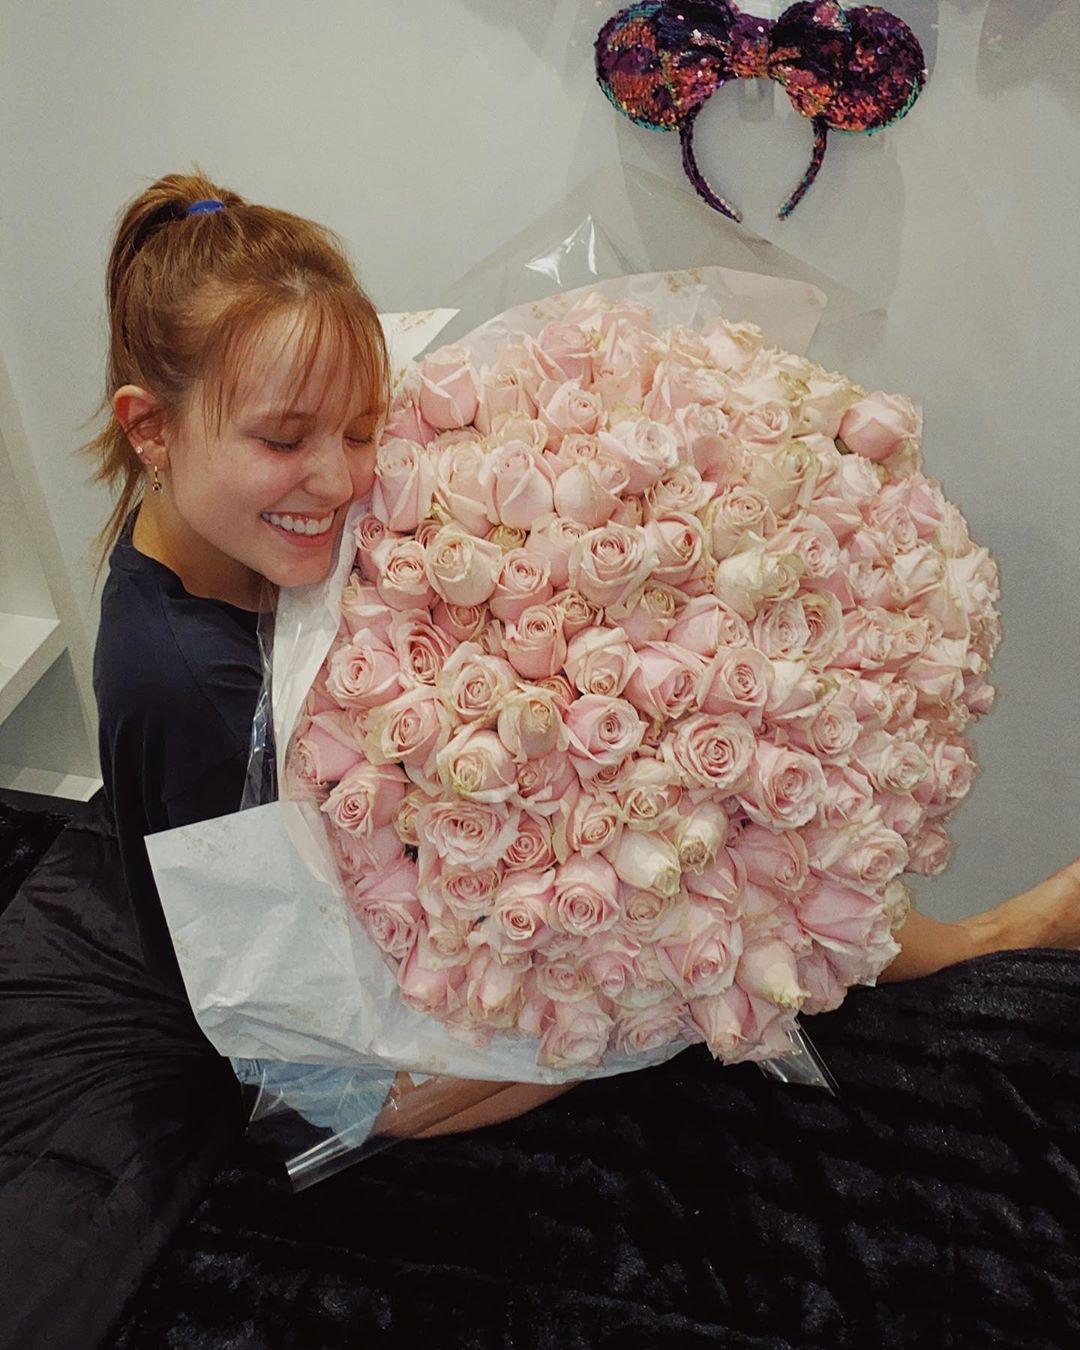 Atriz Larissa Manoela é presenteada no Dia dos Namorados e ganha lindo buquê de flores gigante do amado Leo Cidade: 'Te amo'